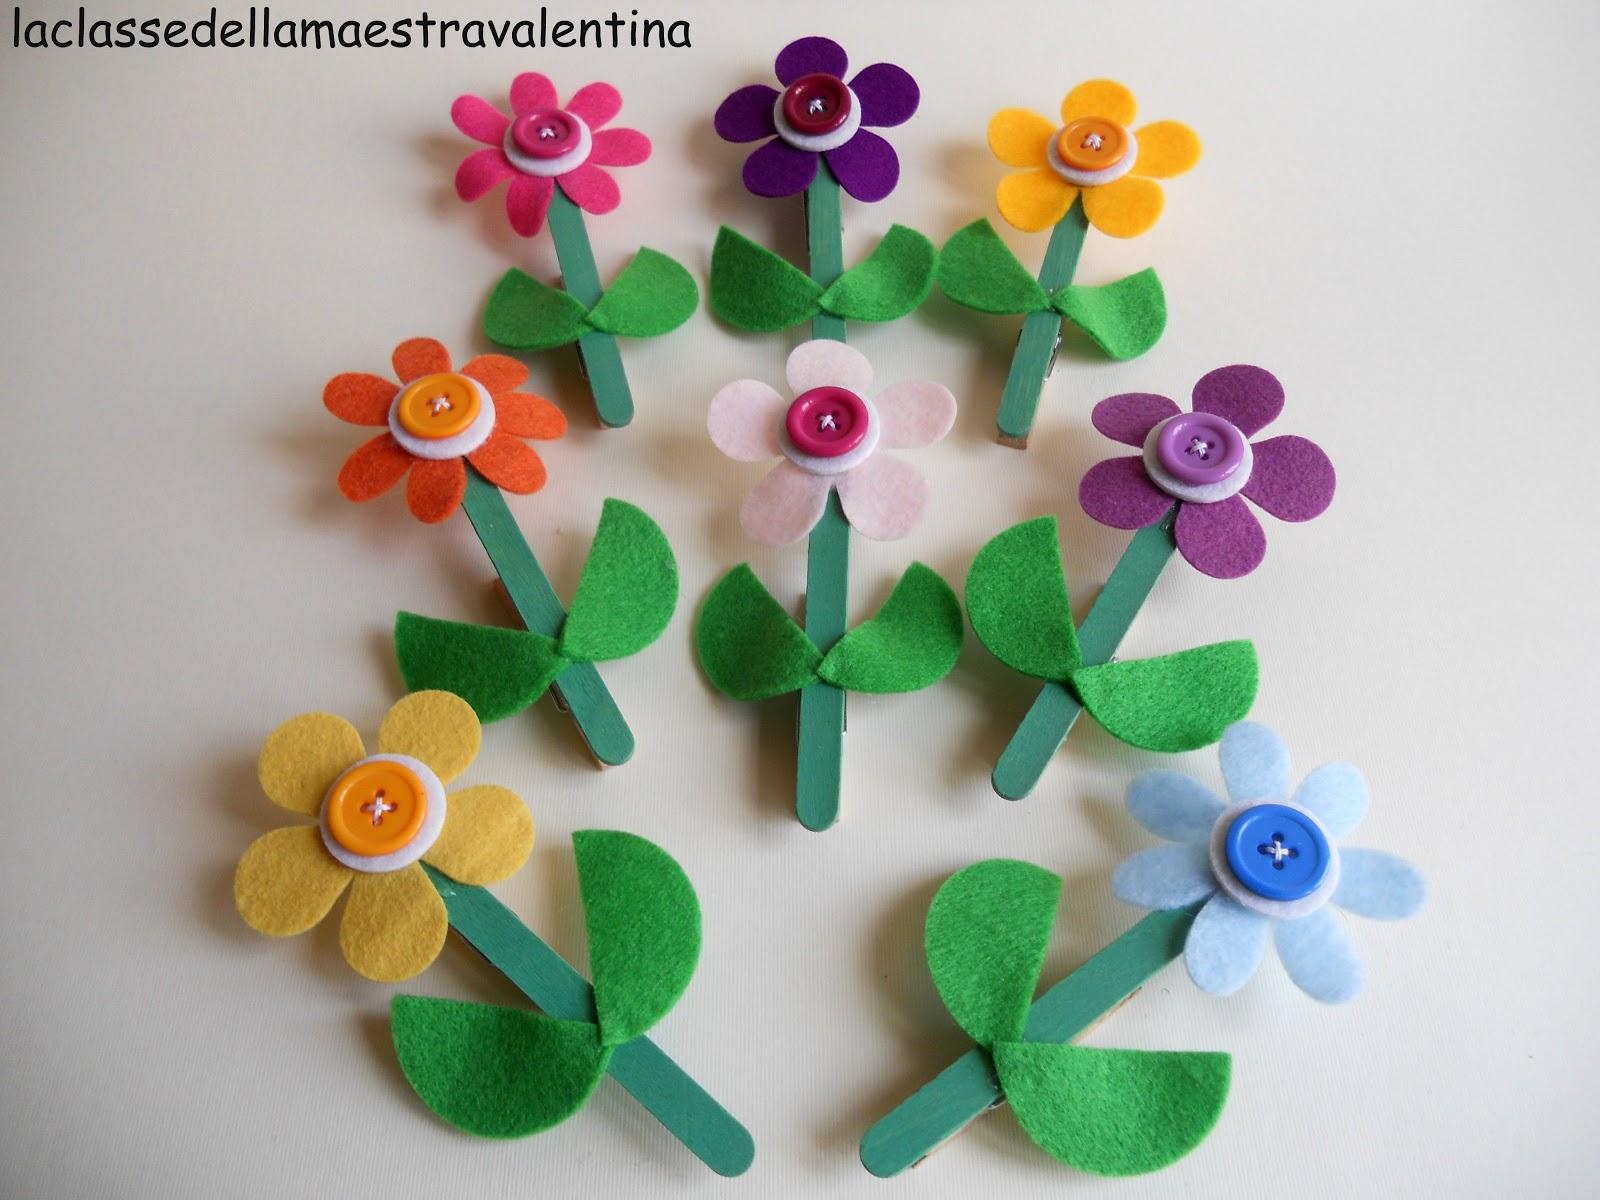 La classe della maestra valentina ancora fiori per la mamma for La classe della maestra